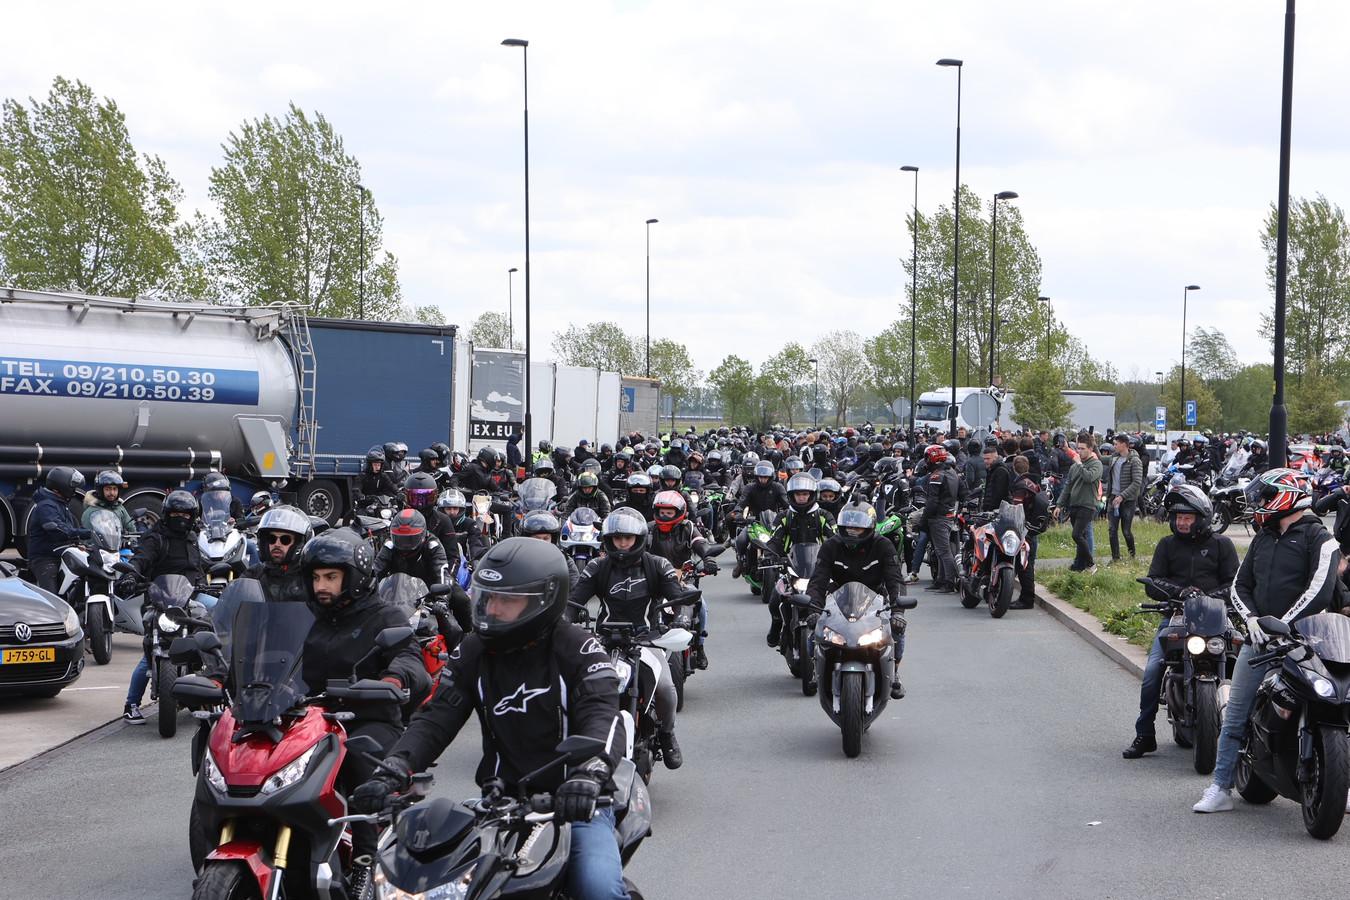 Tweeduizend motorrijders zorgen voor overlast bij Zaltbommel.